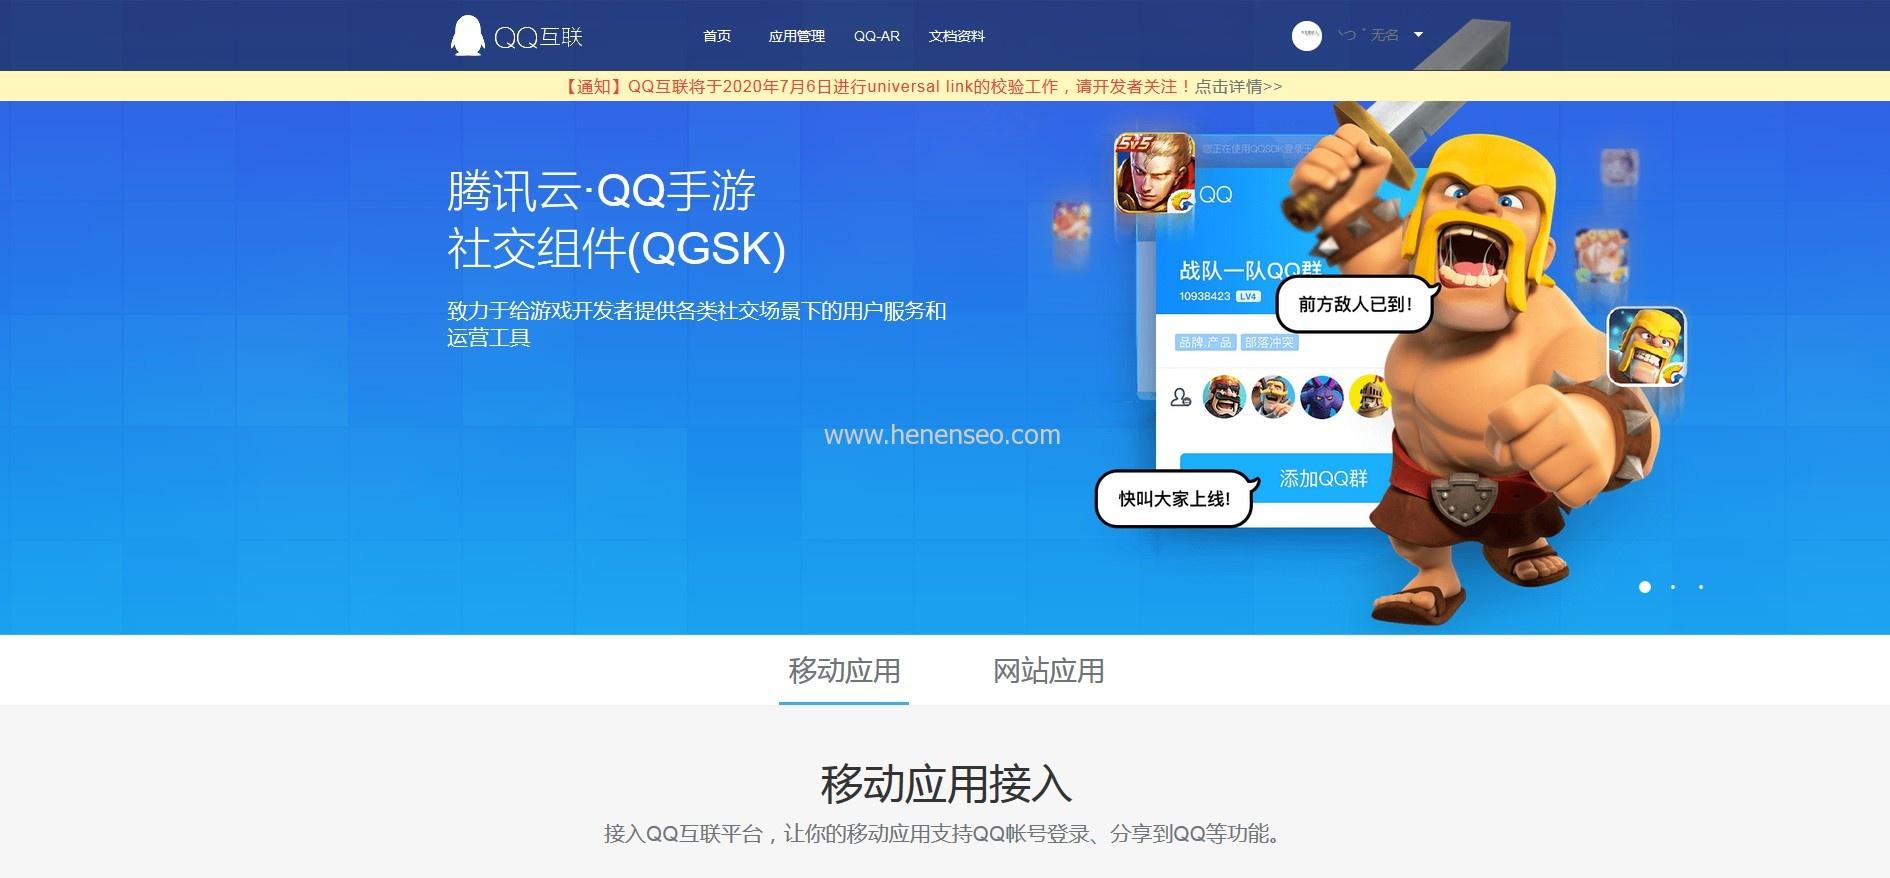 如何申请QQ登录接口